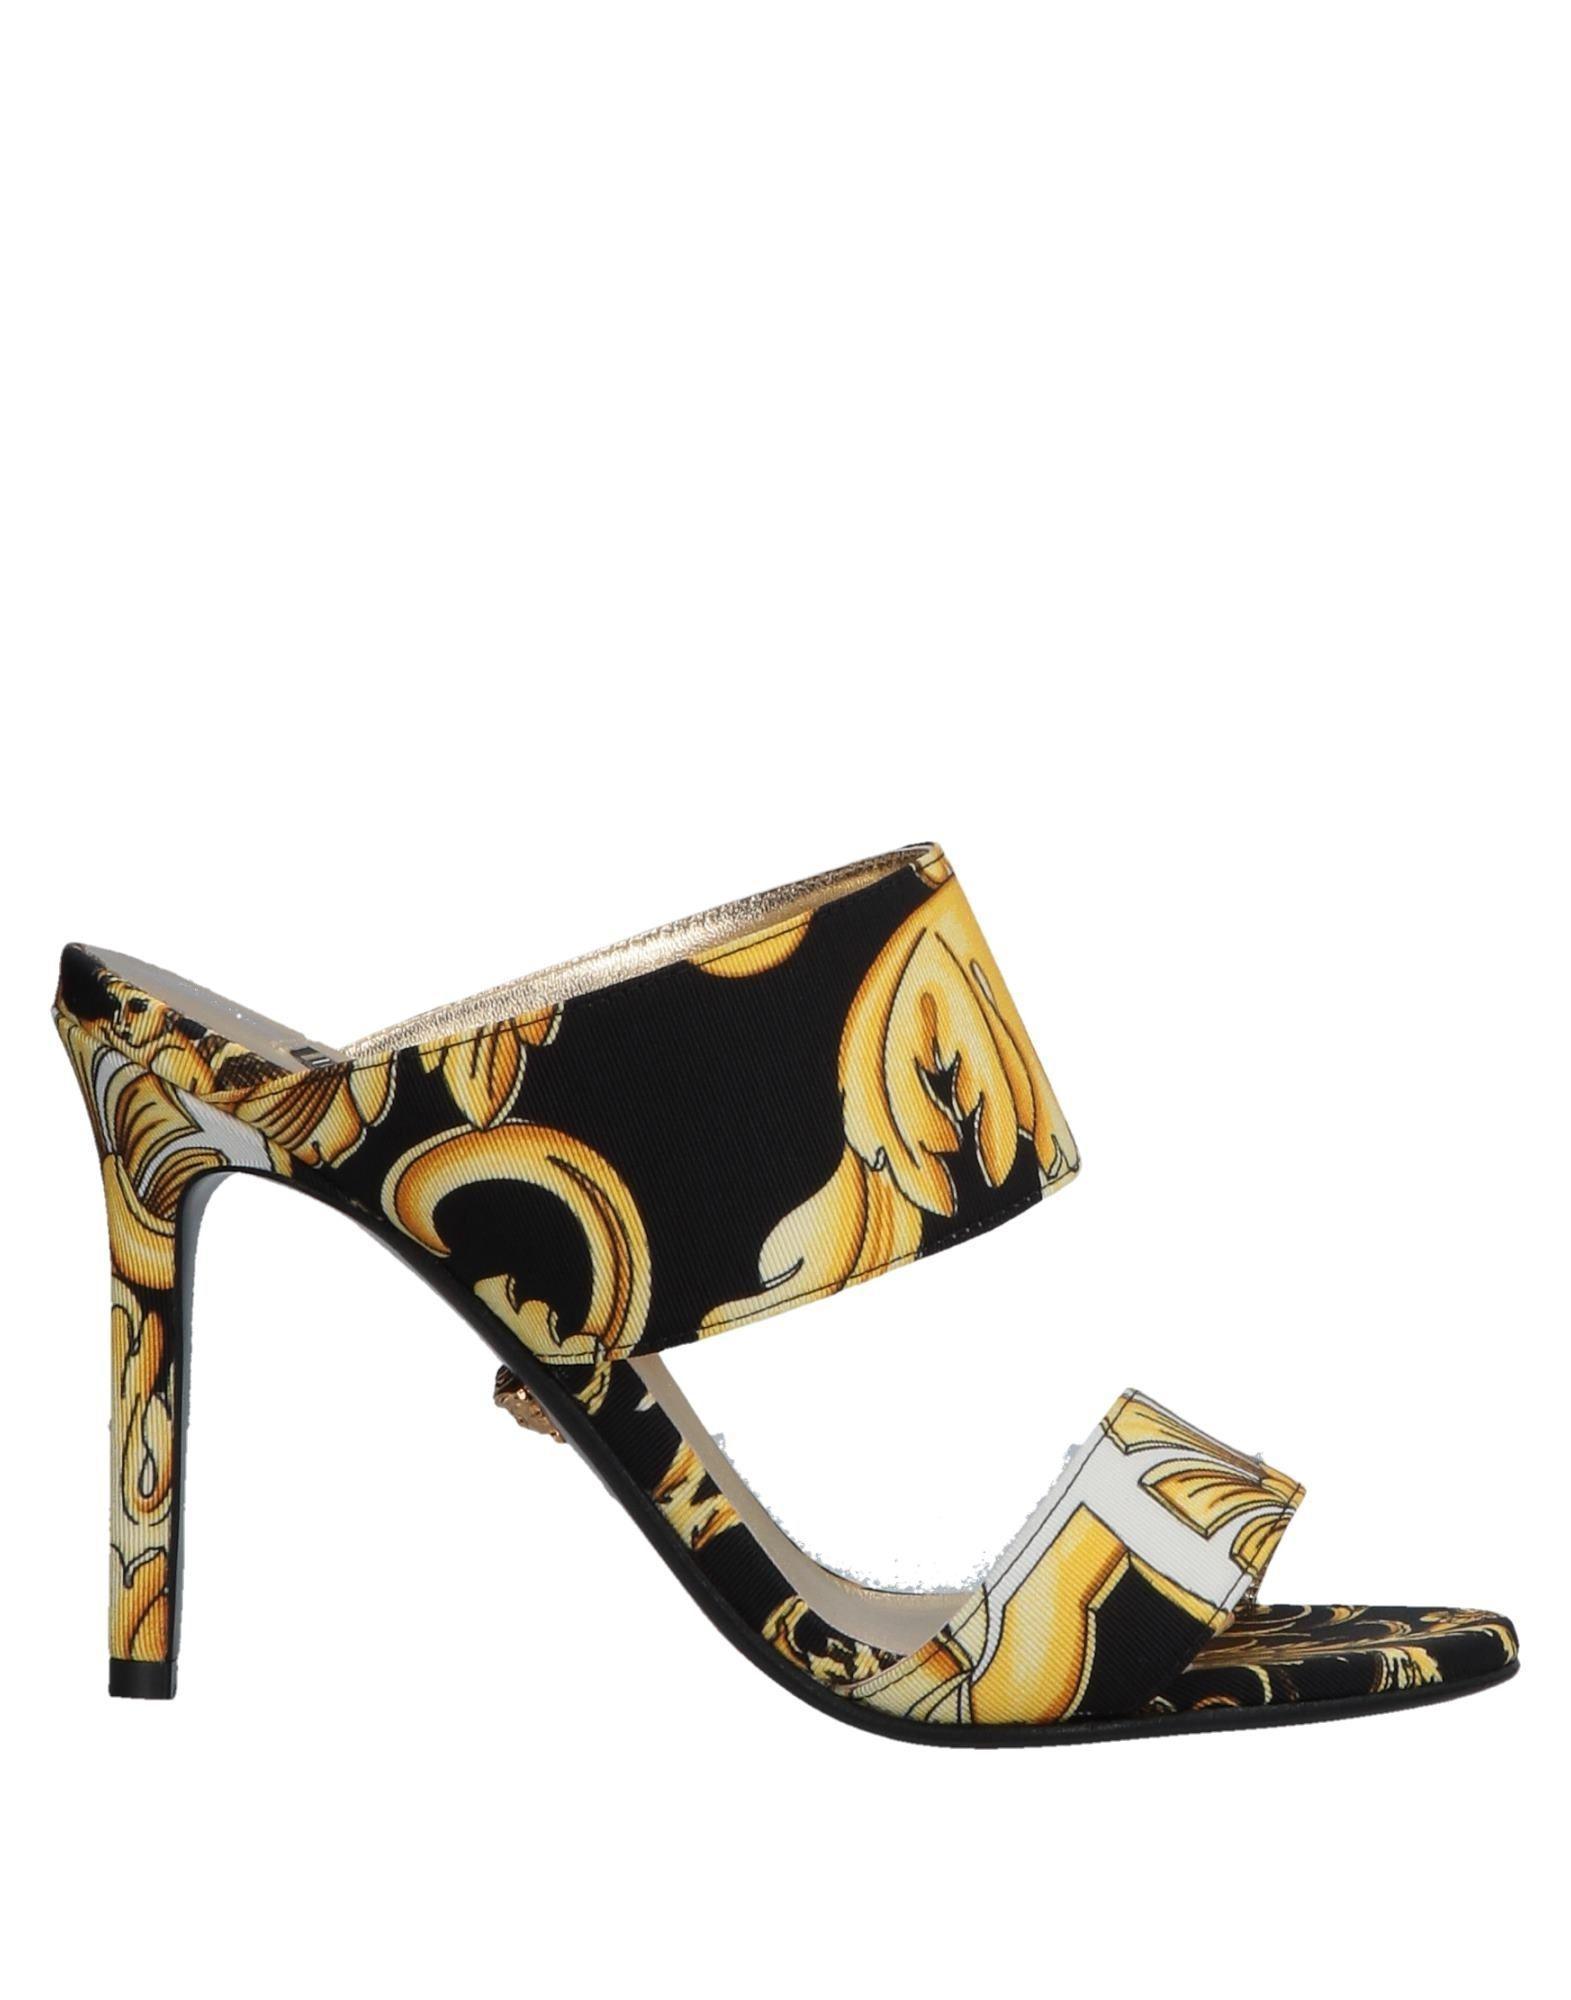 Lyst - Sandales à Talons Chaussures Femme Versace en coloris Noir ... ef67aec5ad4